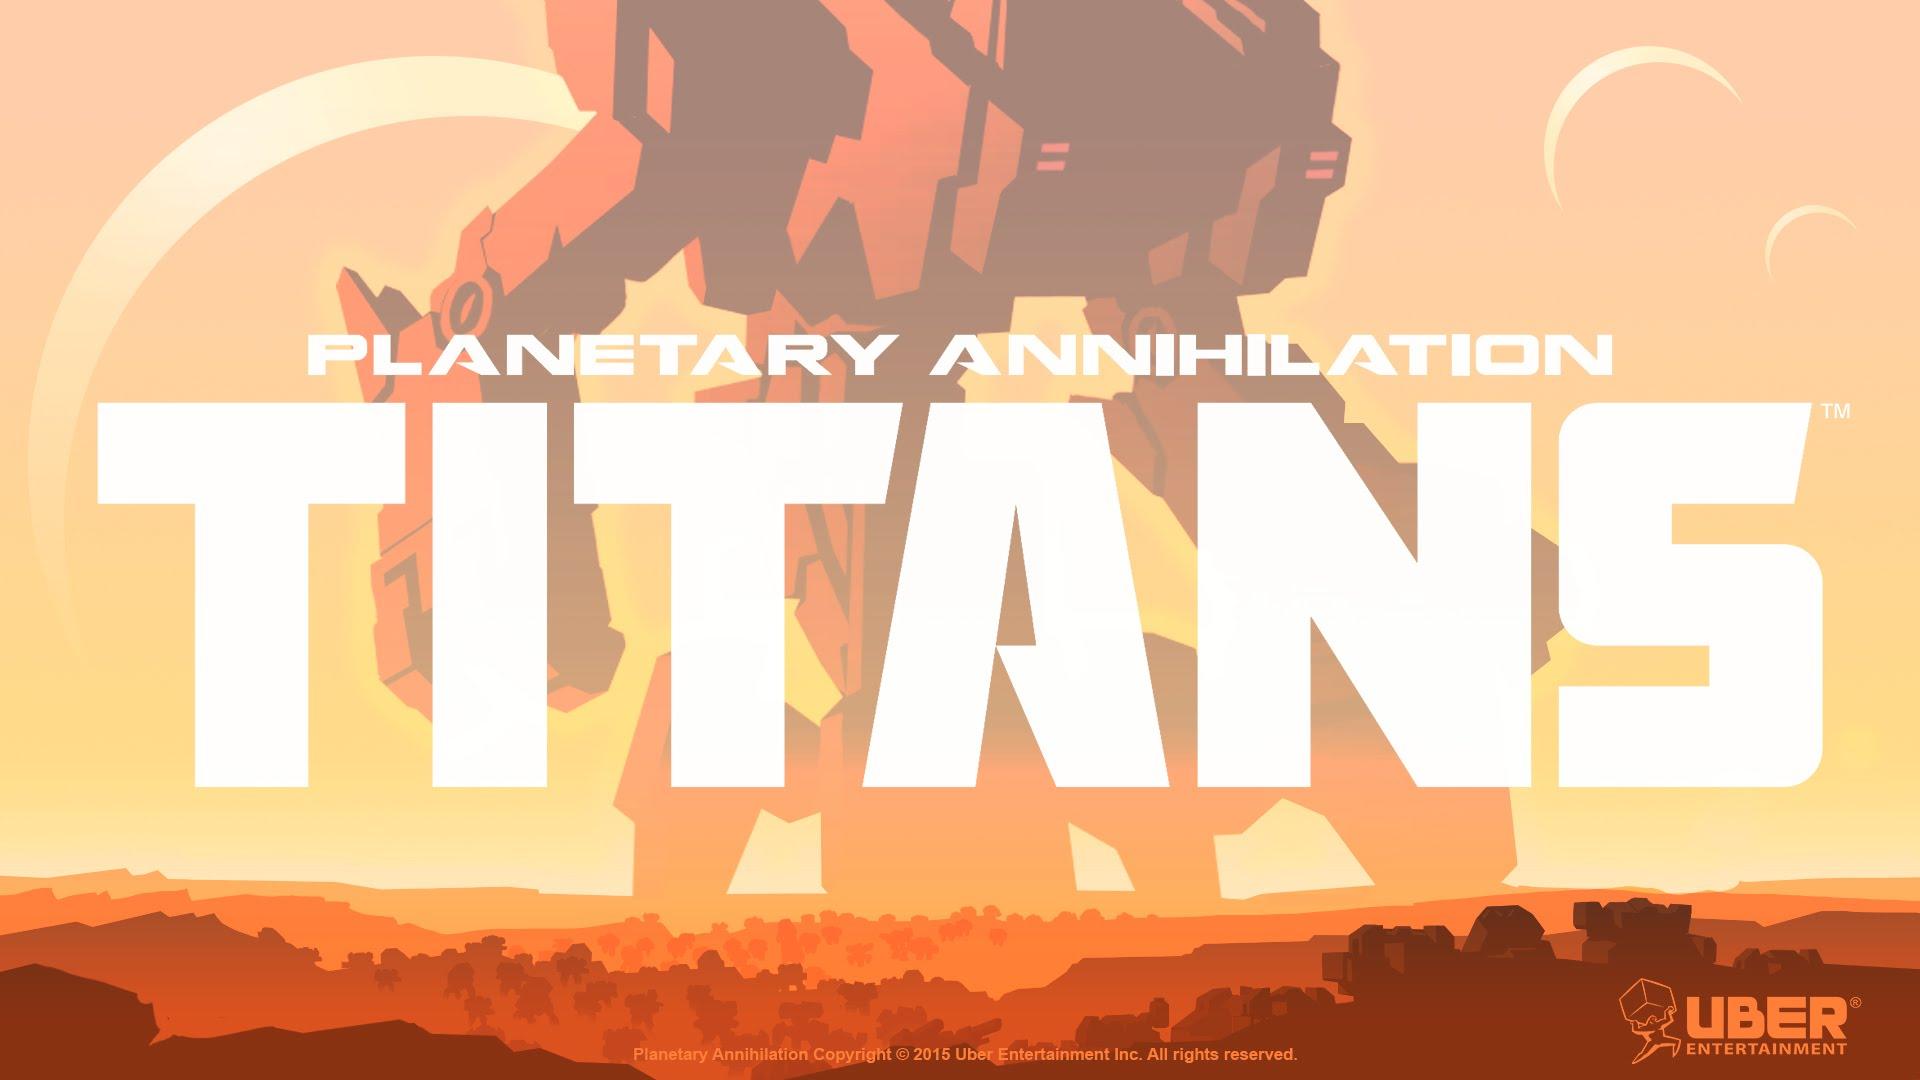 Planetary Annihilation: TITANS (PC/Steam) für nur 7,39 Euro / 4er Pack für 18,49 Euro (4,62 Euro pro Spiel)